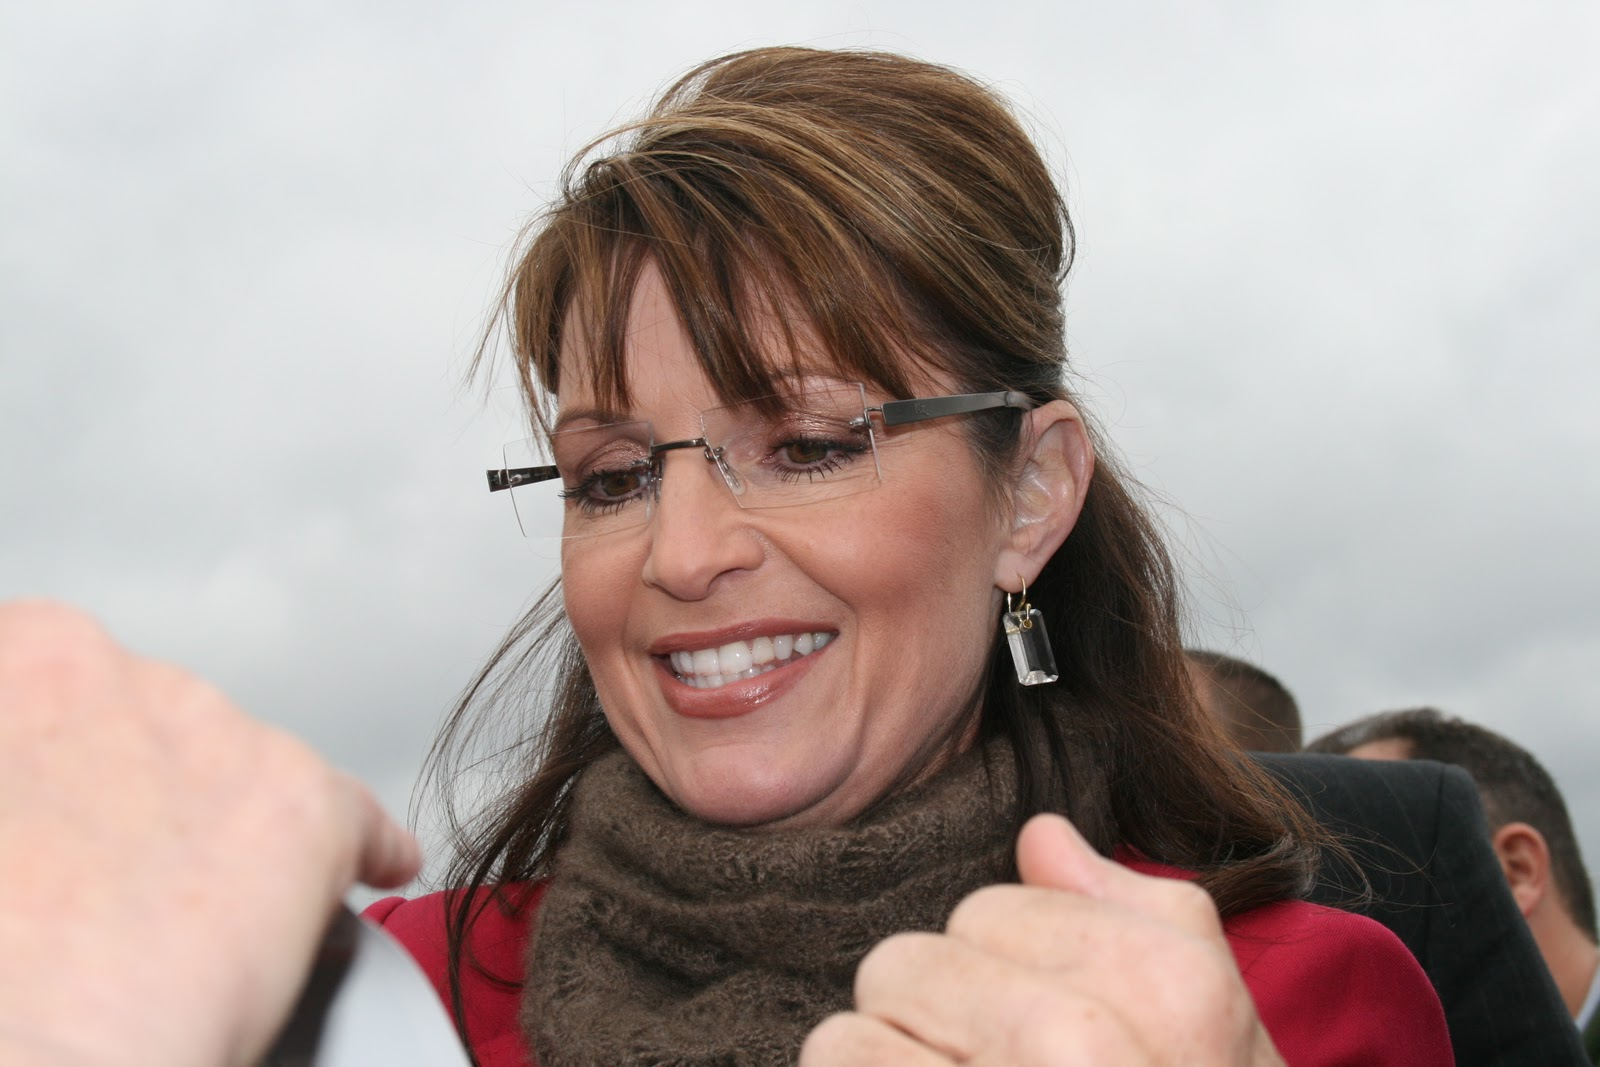 Sarah Palin - New Photos